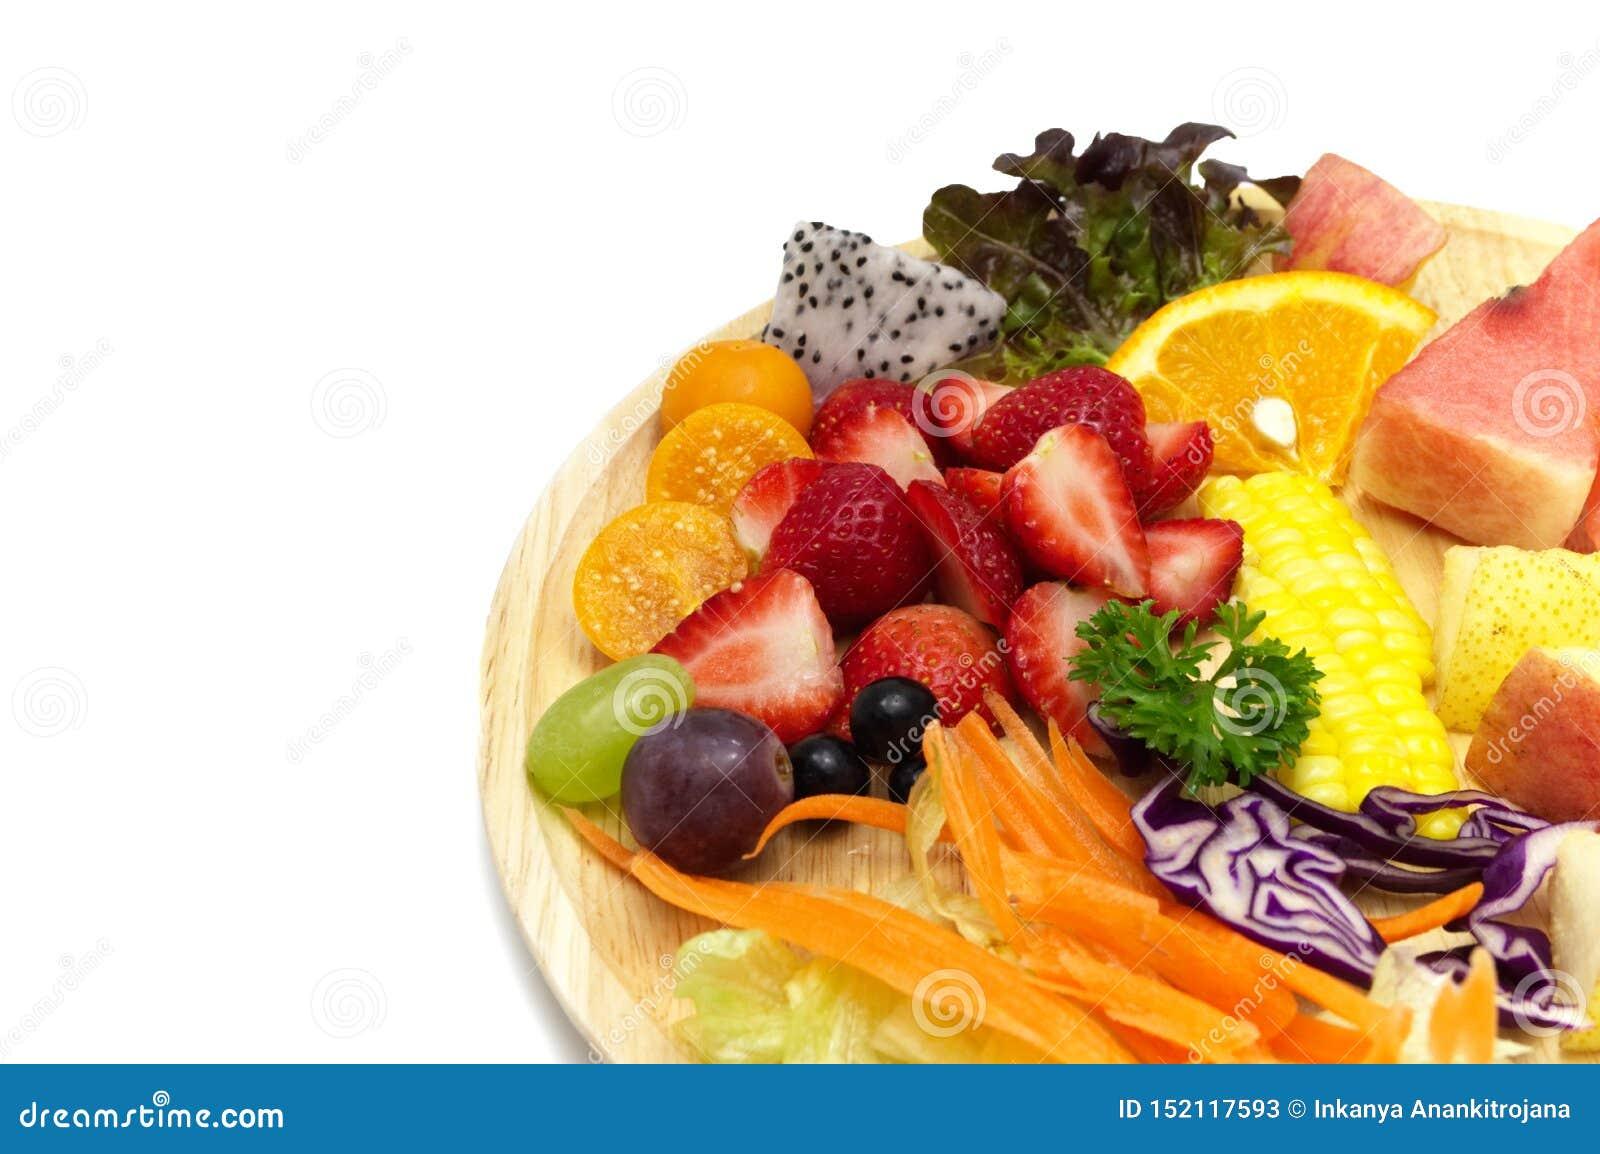 Salat mit Mischobst und gemüse